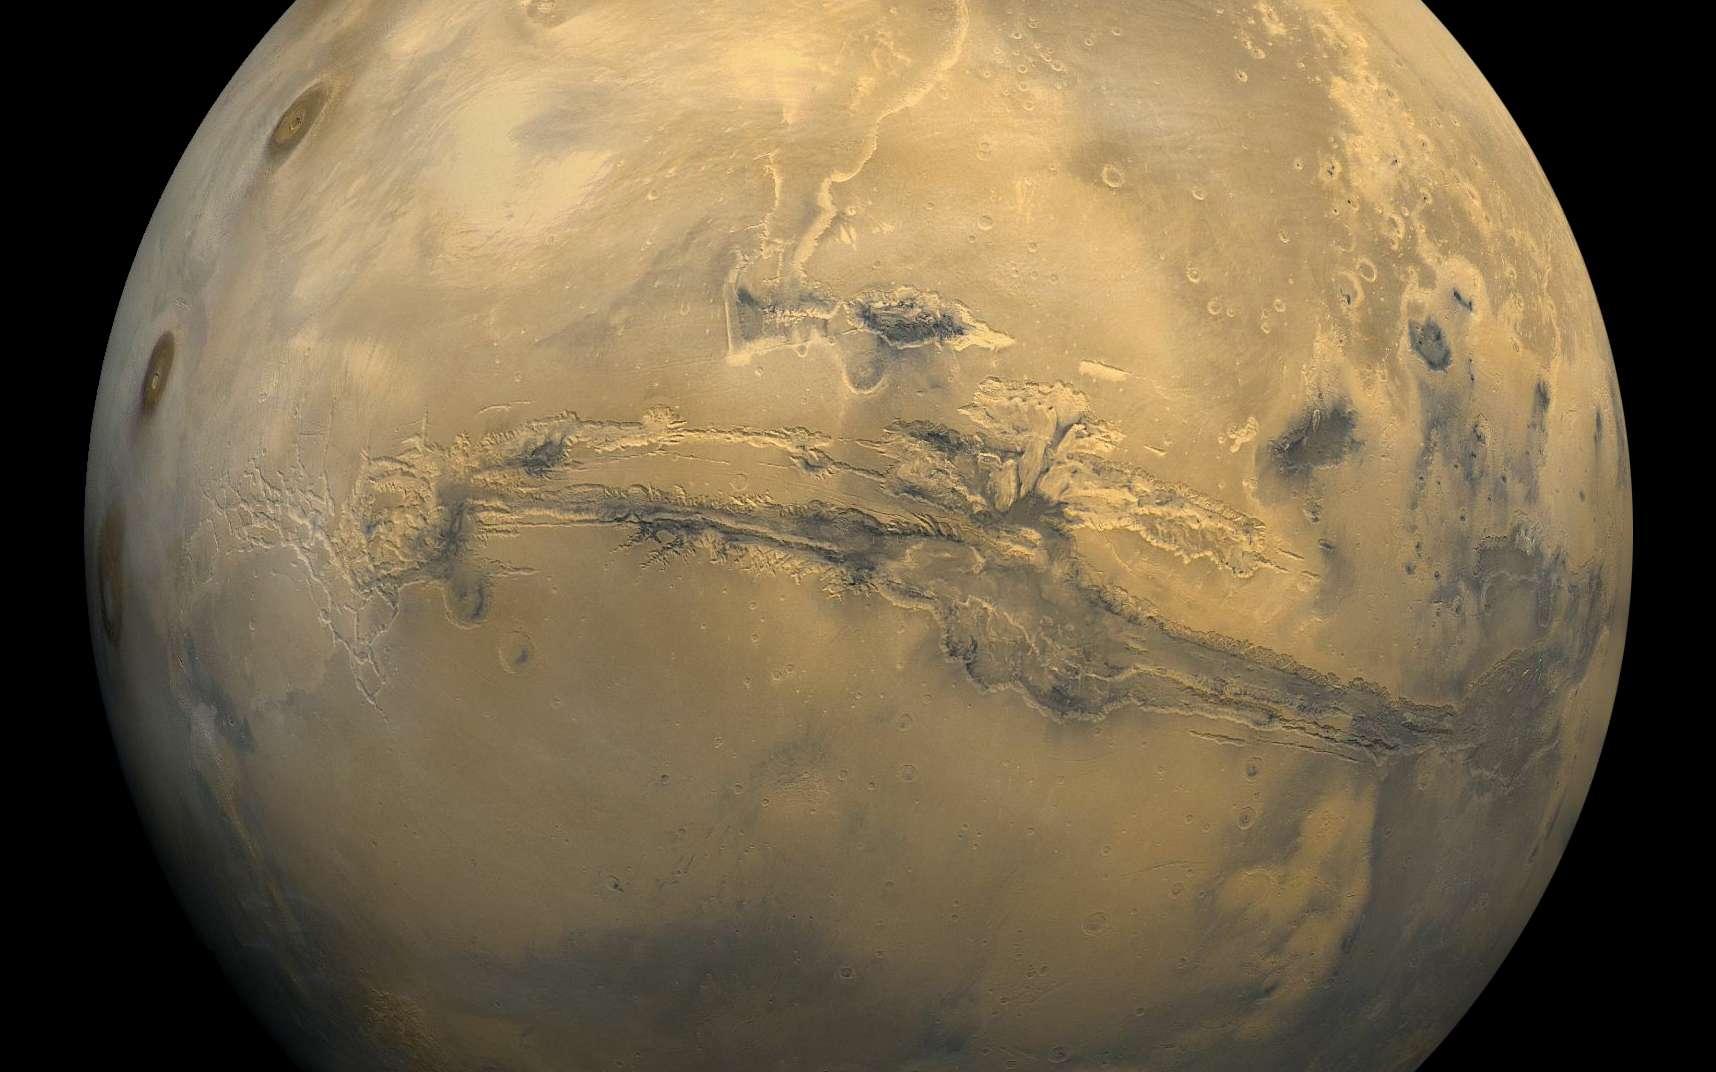 Une vue spectaculaire de la surface de Mars. On voit en particulier le fameux canyon Valles Marineris. © Nasa